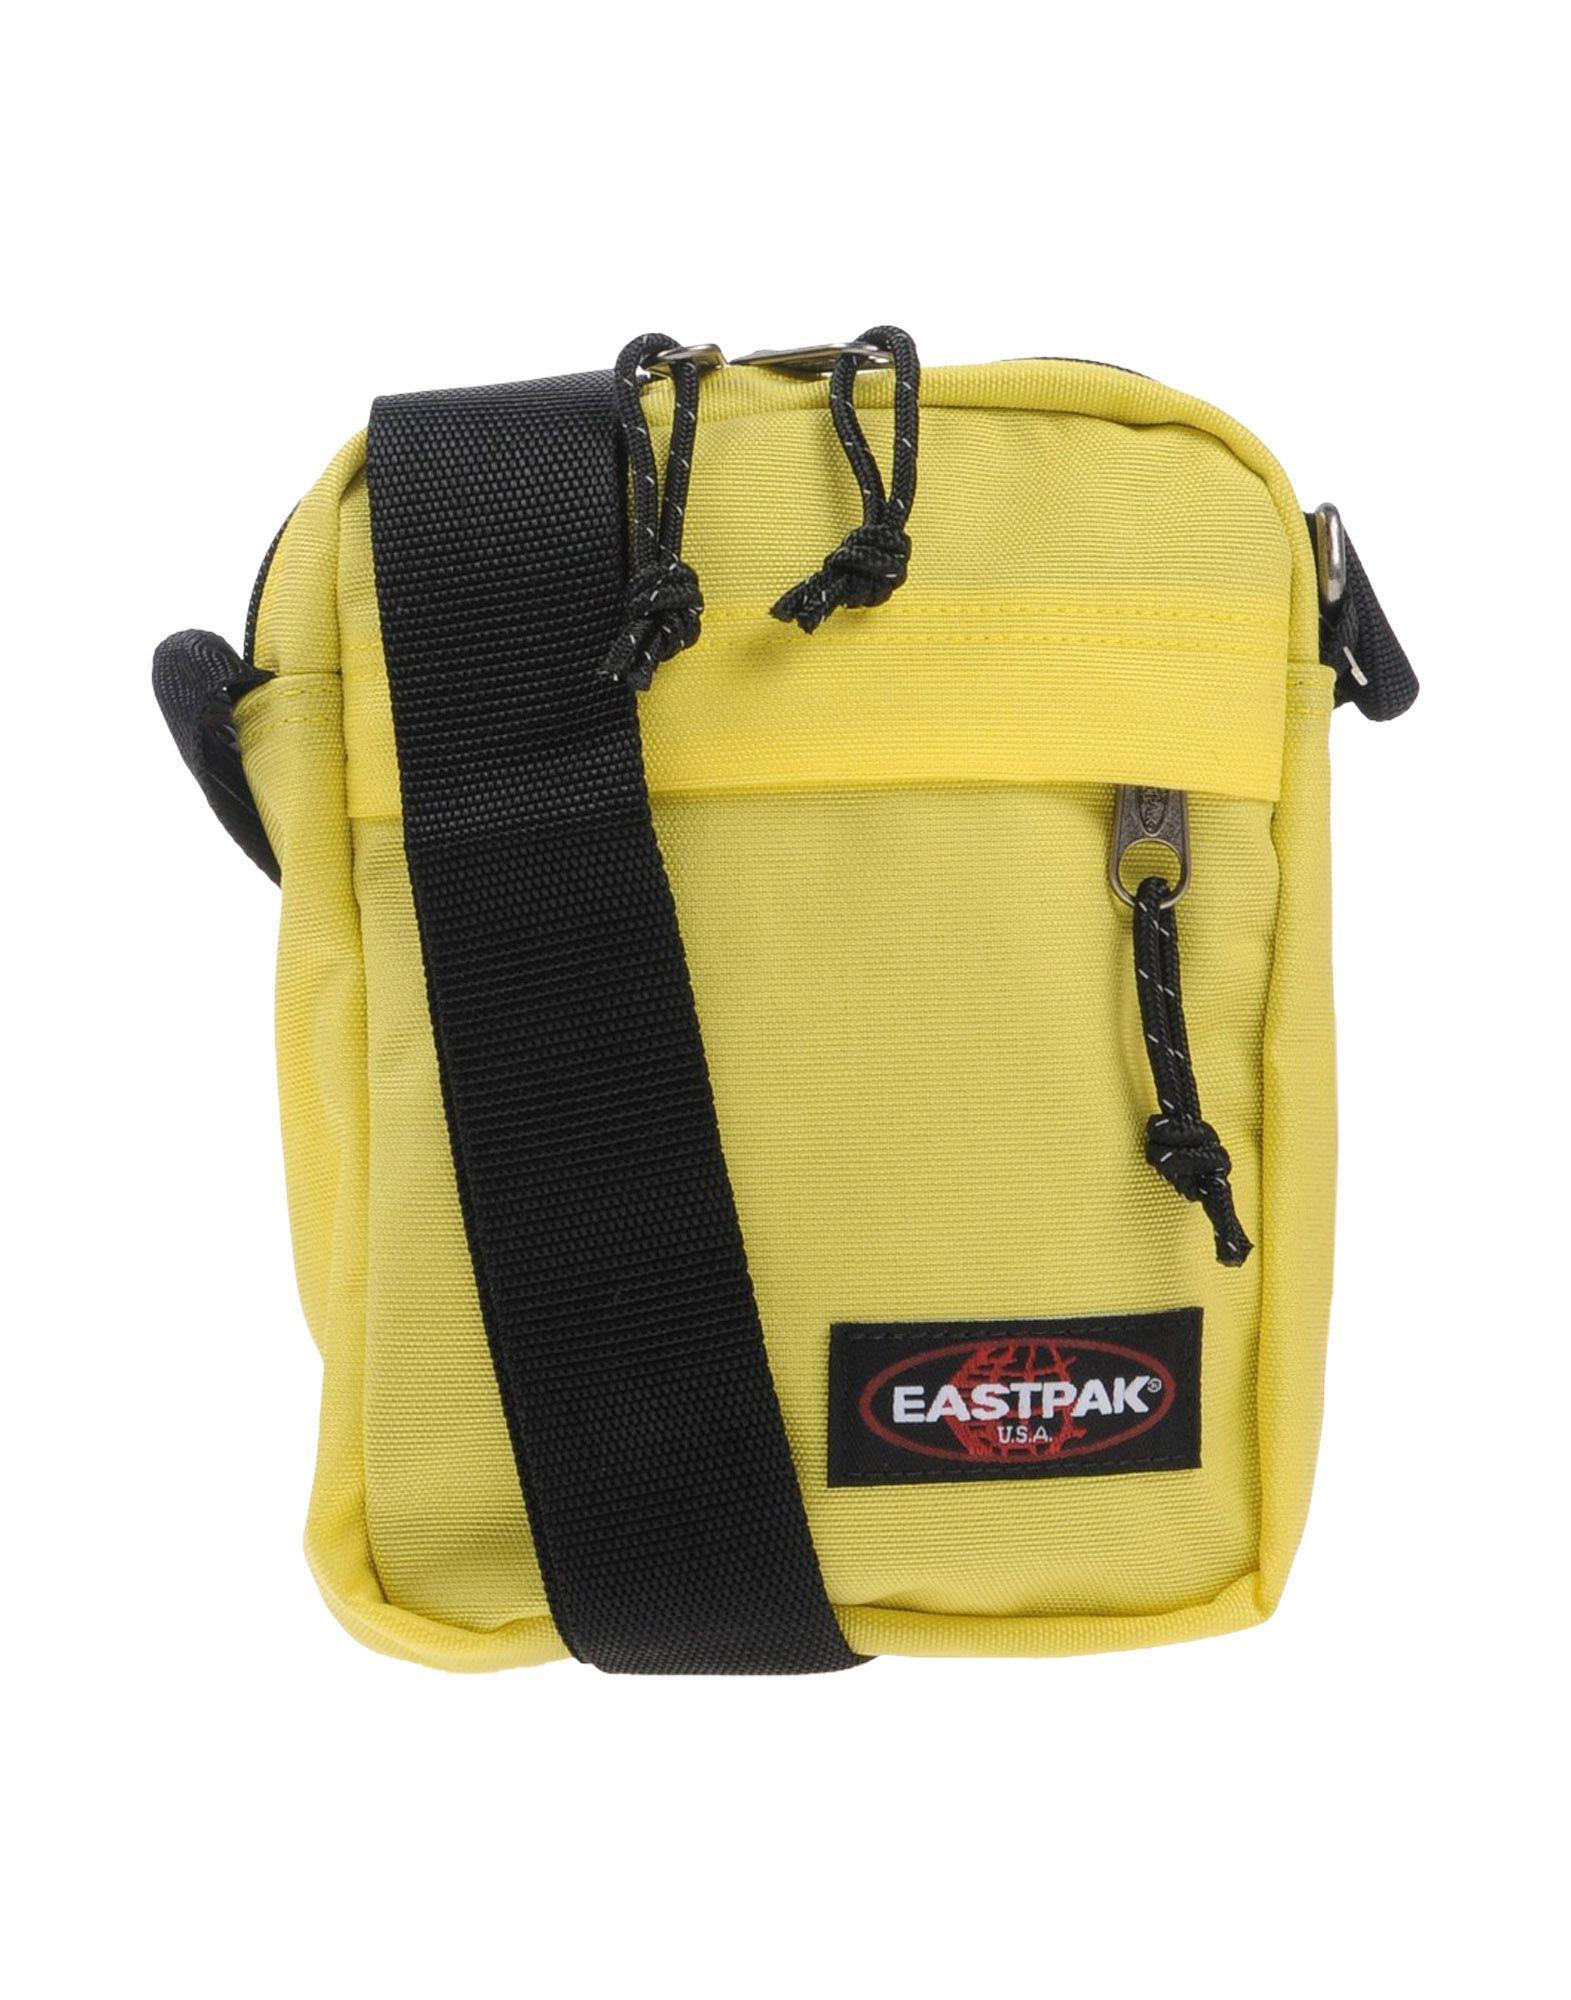 《送料無料》EASTPAK メンズ メッセンジャーバッグ ビタミングリーン 紡績繊維